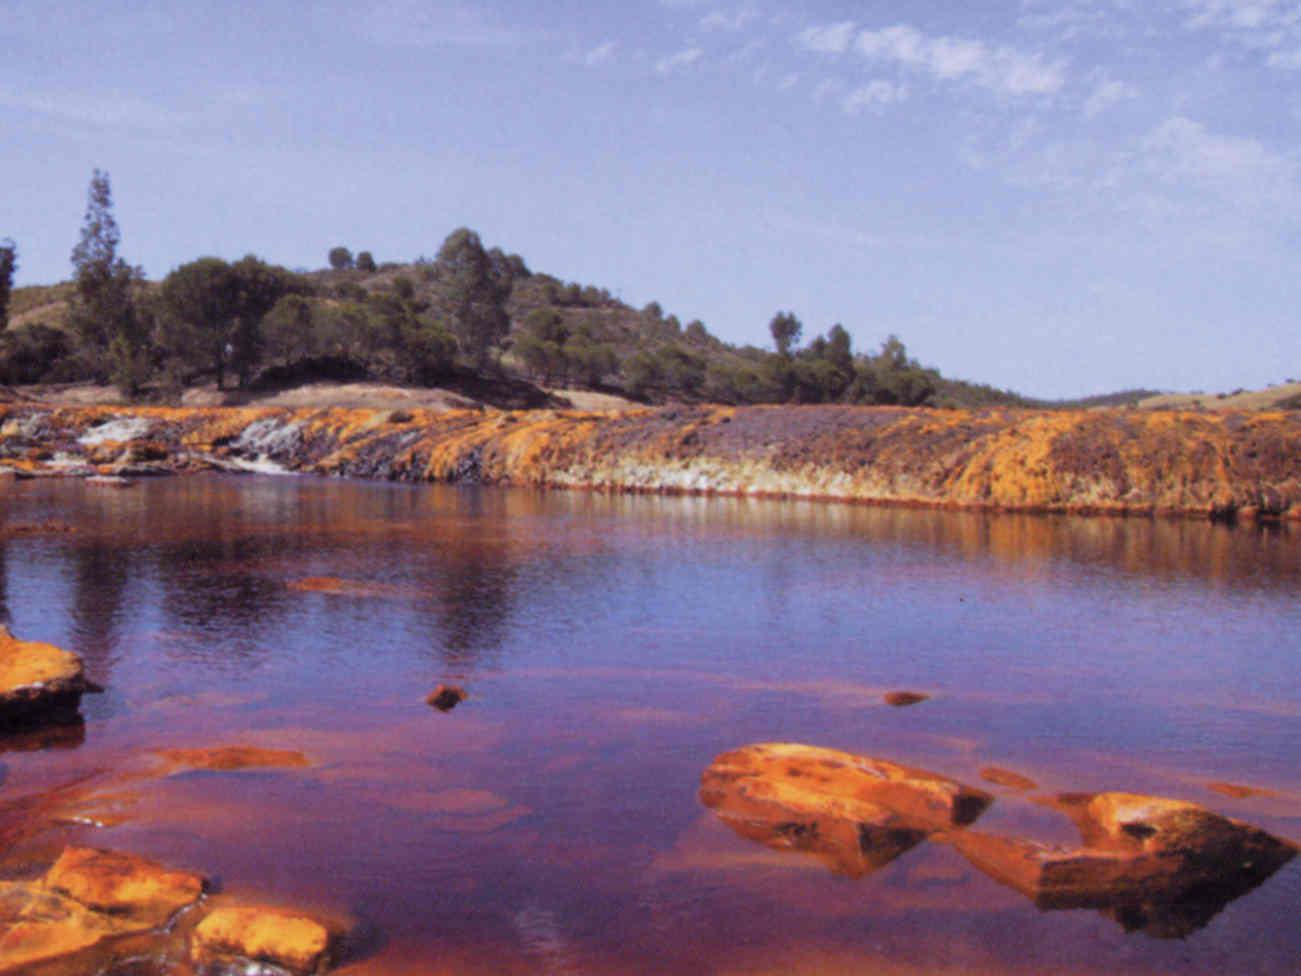 Las propiedades específicas del río Tinto hacen posible la composición de esta microalga estudiada.